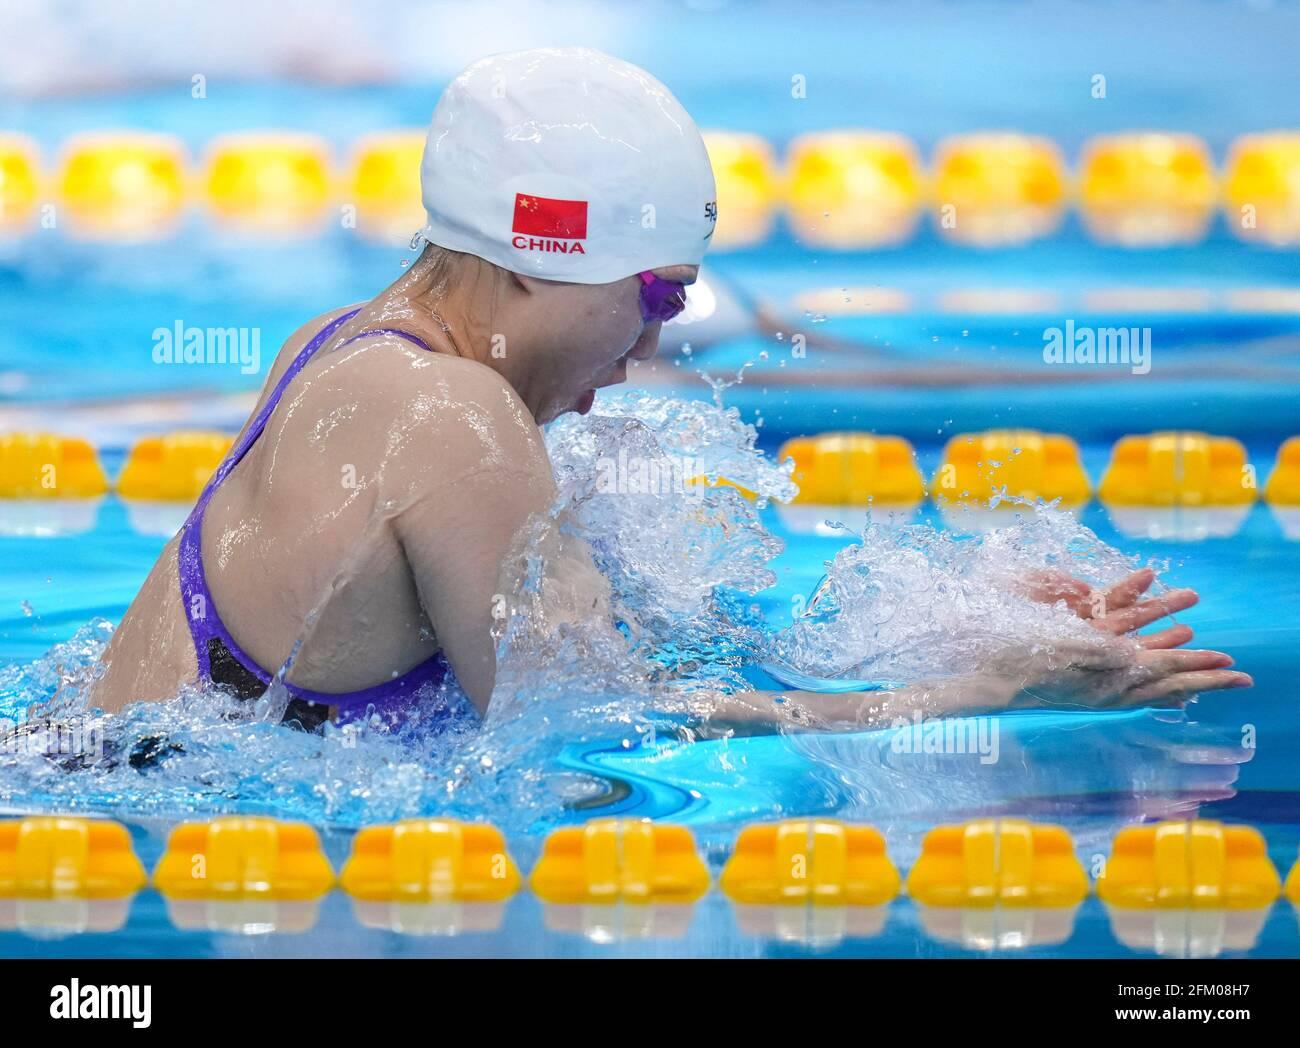 Qingdao, Chine. 5 mai 2021. Tang Qianting de Shanghai est en compétition pendant la demi-finale féminine de 200m de nage au Championnat national chinois de natation 2021 à Qingdao, en Chine orientale, le 5 mai 2021. Credit: Xu Chang/Xinhua/Alay Live News Banque D'Images